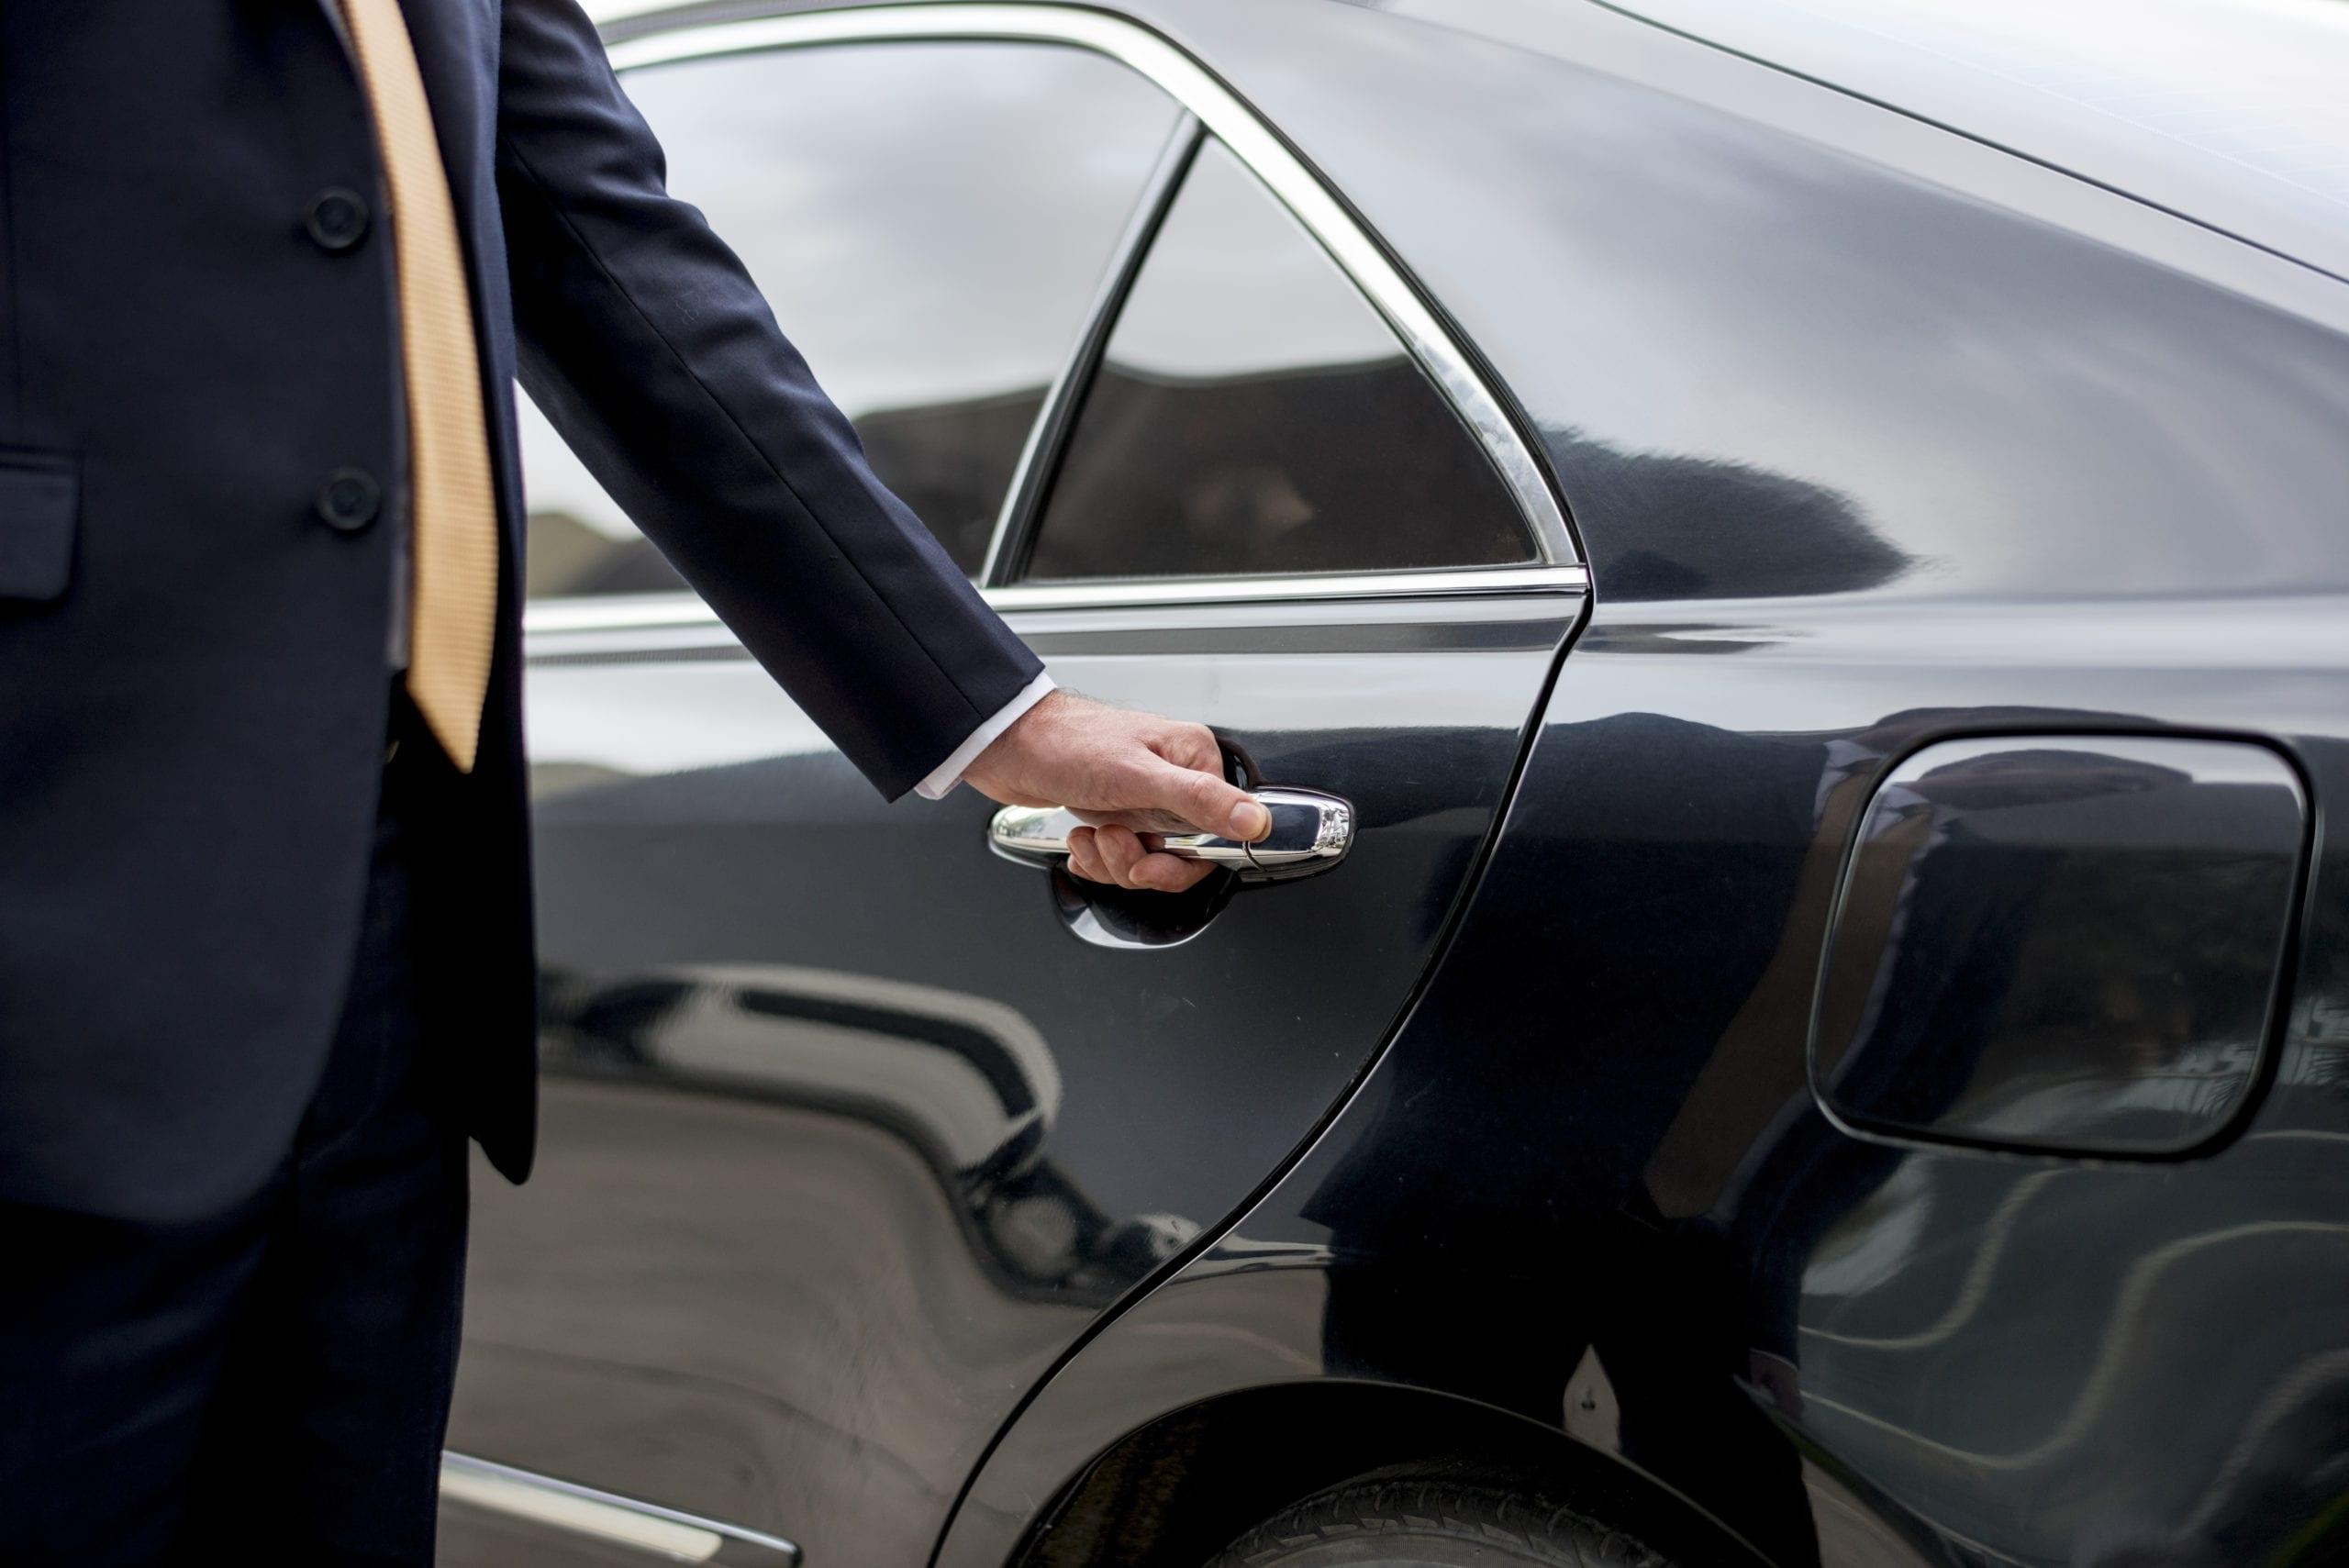 limo service driver opens door